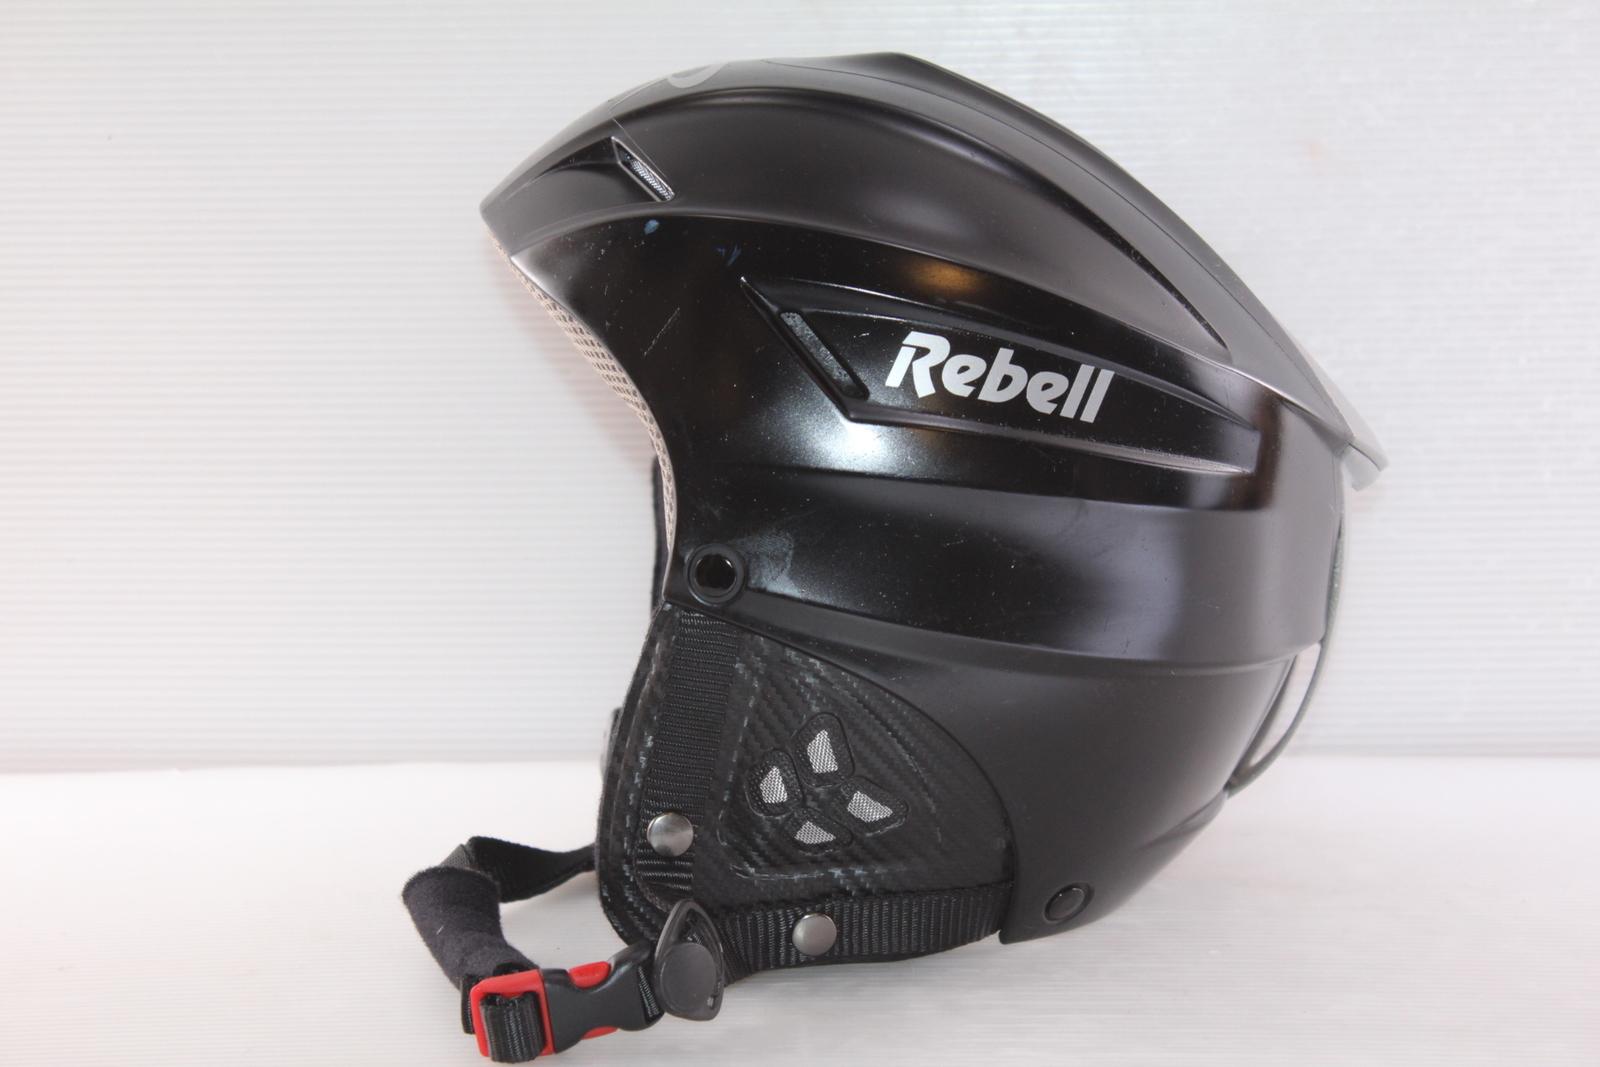 Dámská lyžařská helma Rebel Rebell vel. 54